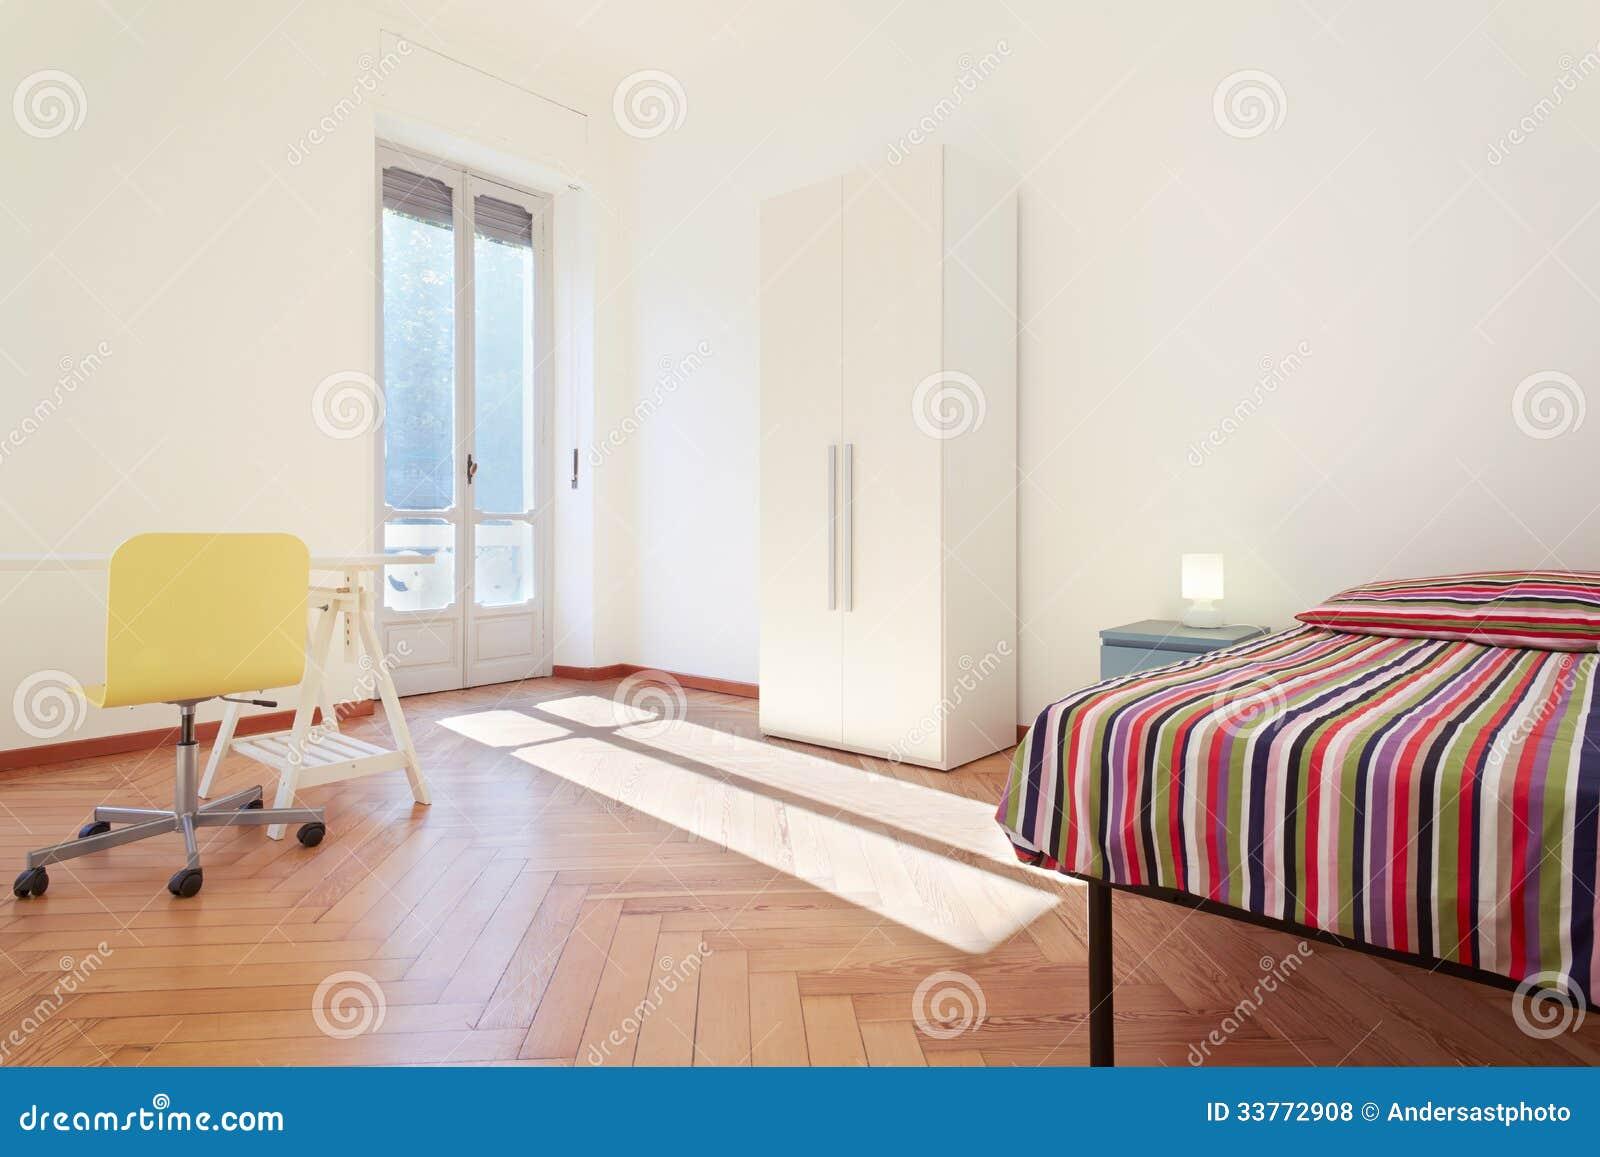 Singola camera da letto interior design semplice fotografie stock libere da diritti immagine - Camera da letto design moderno ...